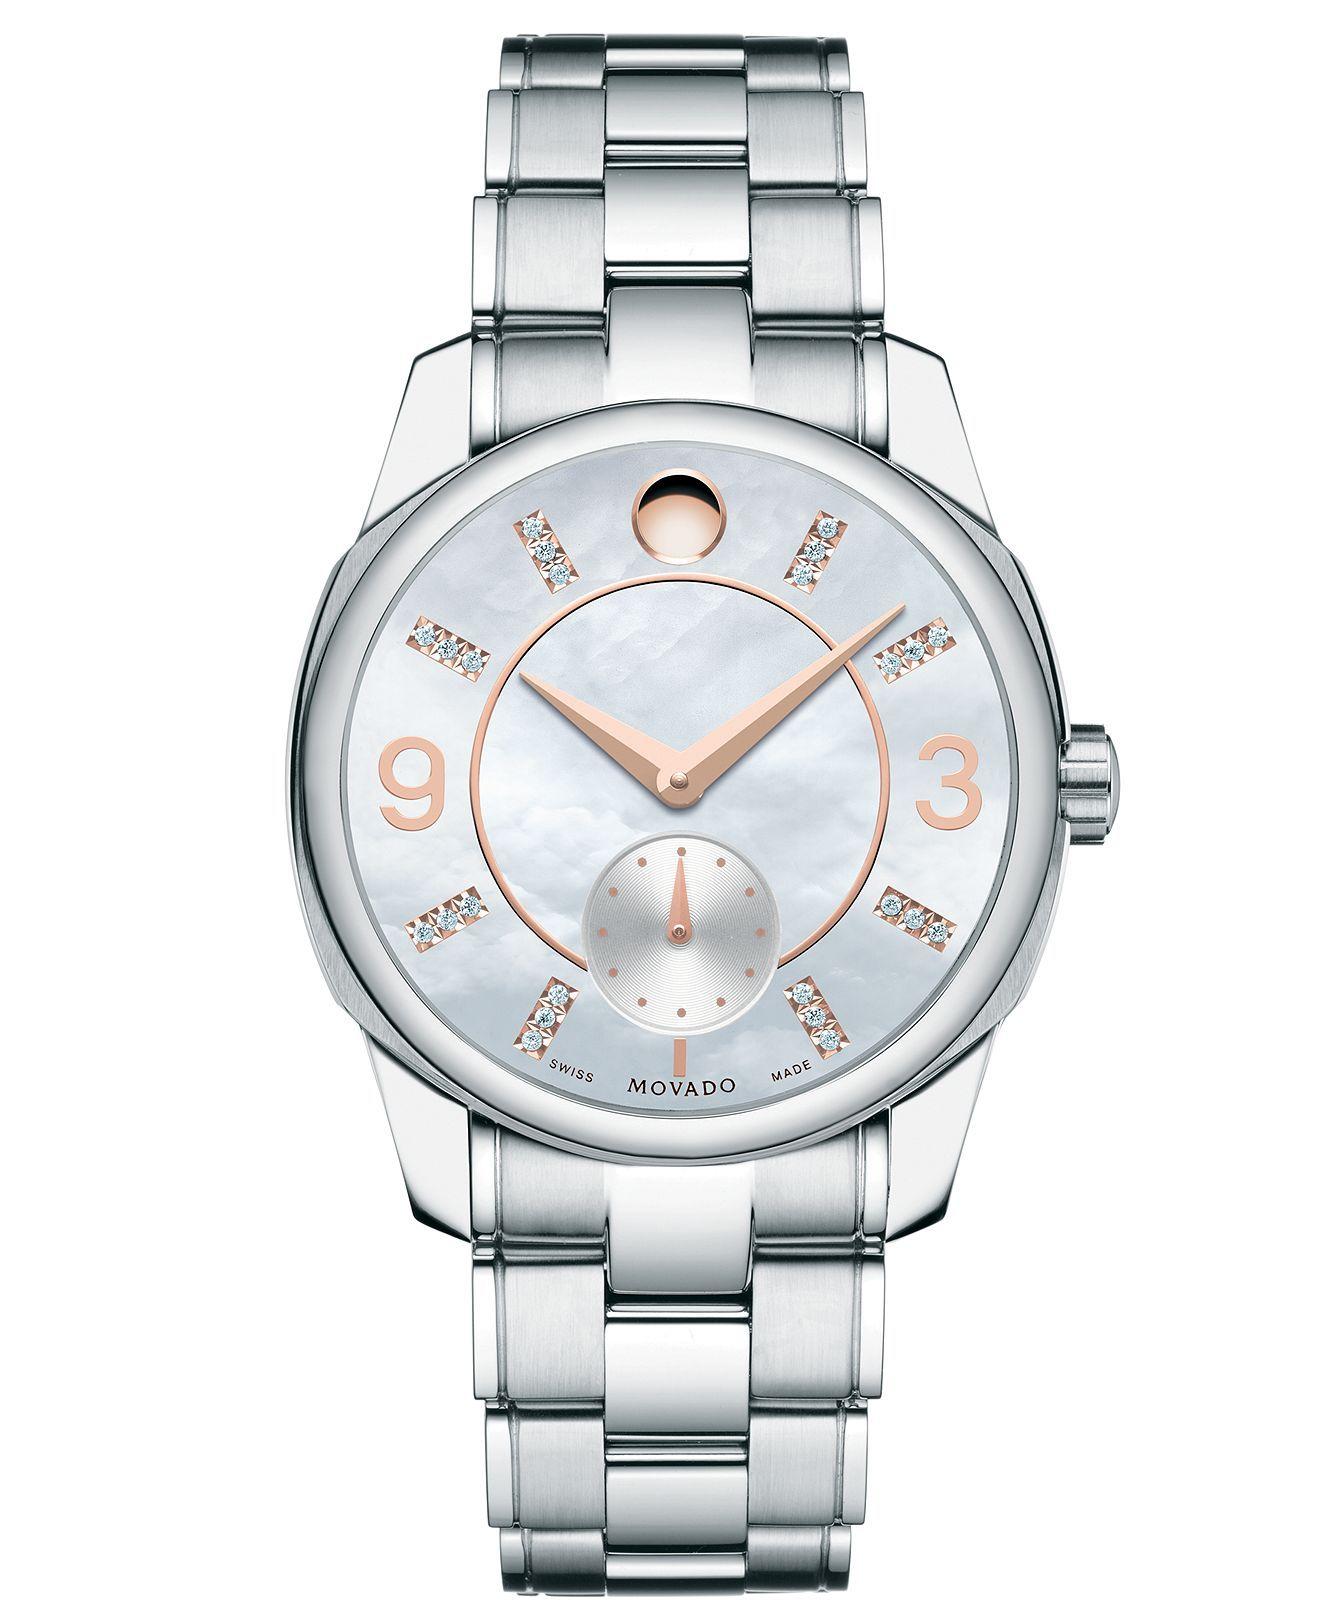 25570dca4f8 Movado Watch